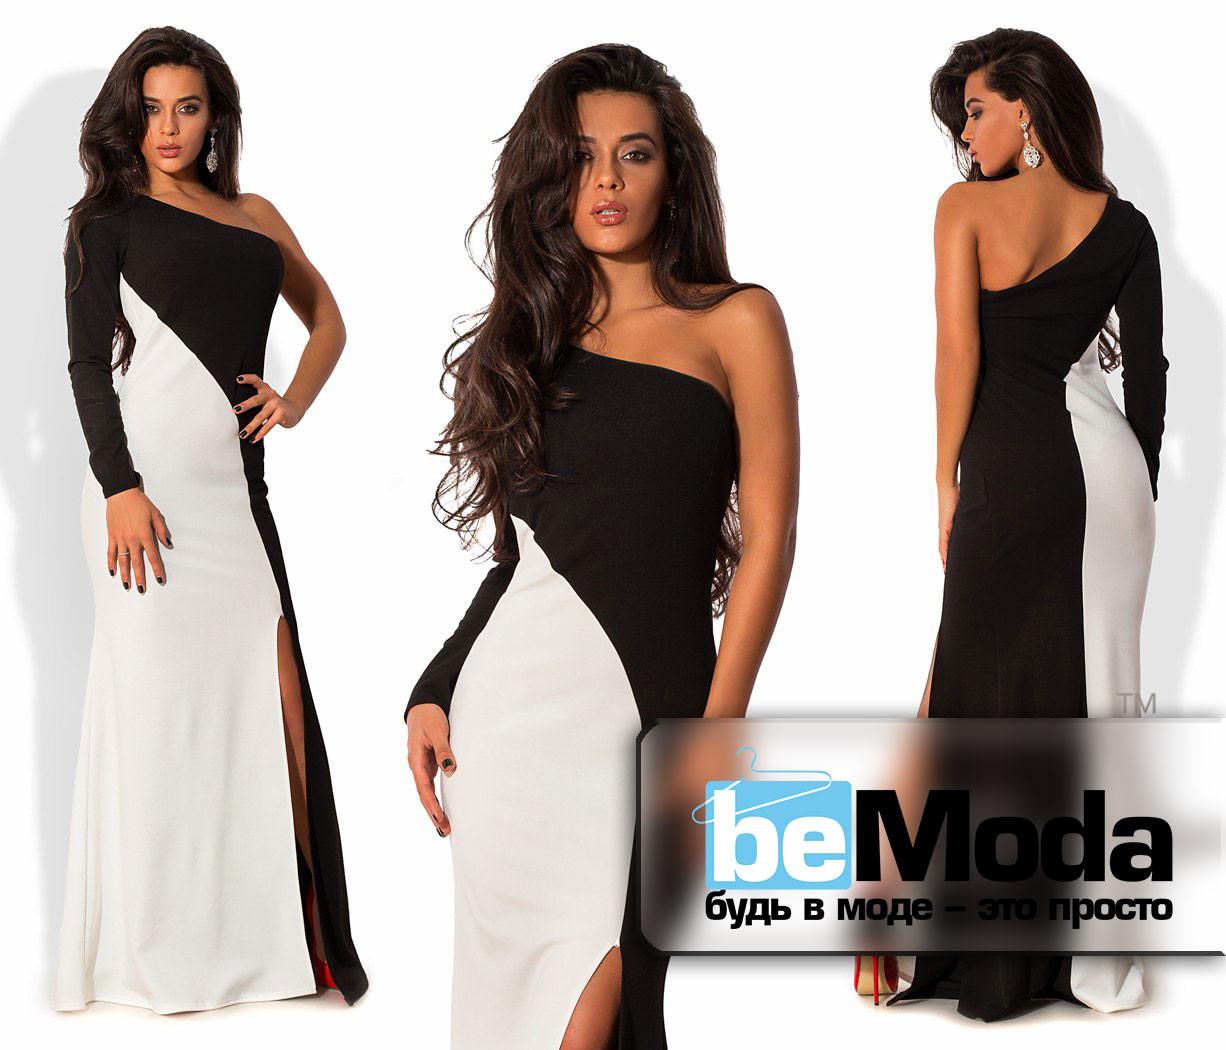 Оригинальное женское длинное двухцветное платье с одним рукавом, оригинальным декольте и разрезом на боку черно-белое - Модная одежда и аксессуары интернет-магазин BEMODA.COM.UA в Белой Церкви